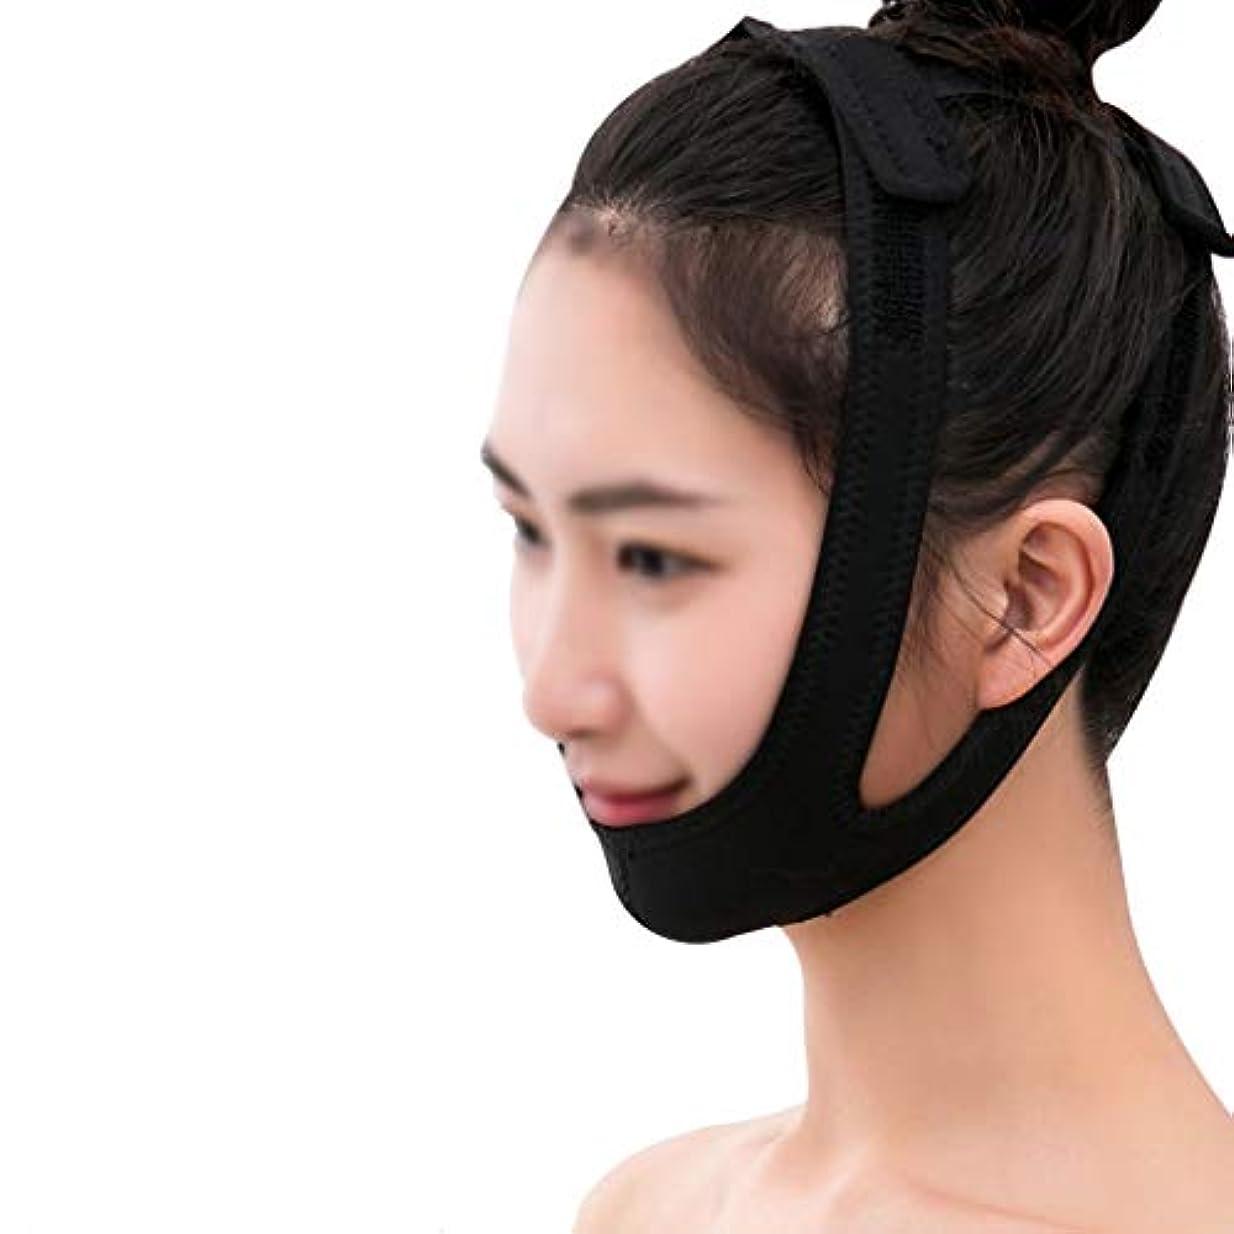 重力刺激する印刷するフェイシャルリフティングマスク、医療用ワイヤーカービングリカバリーヘッドギアVフェイス包帯ダブルチンフェイスリフトマスク